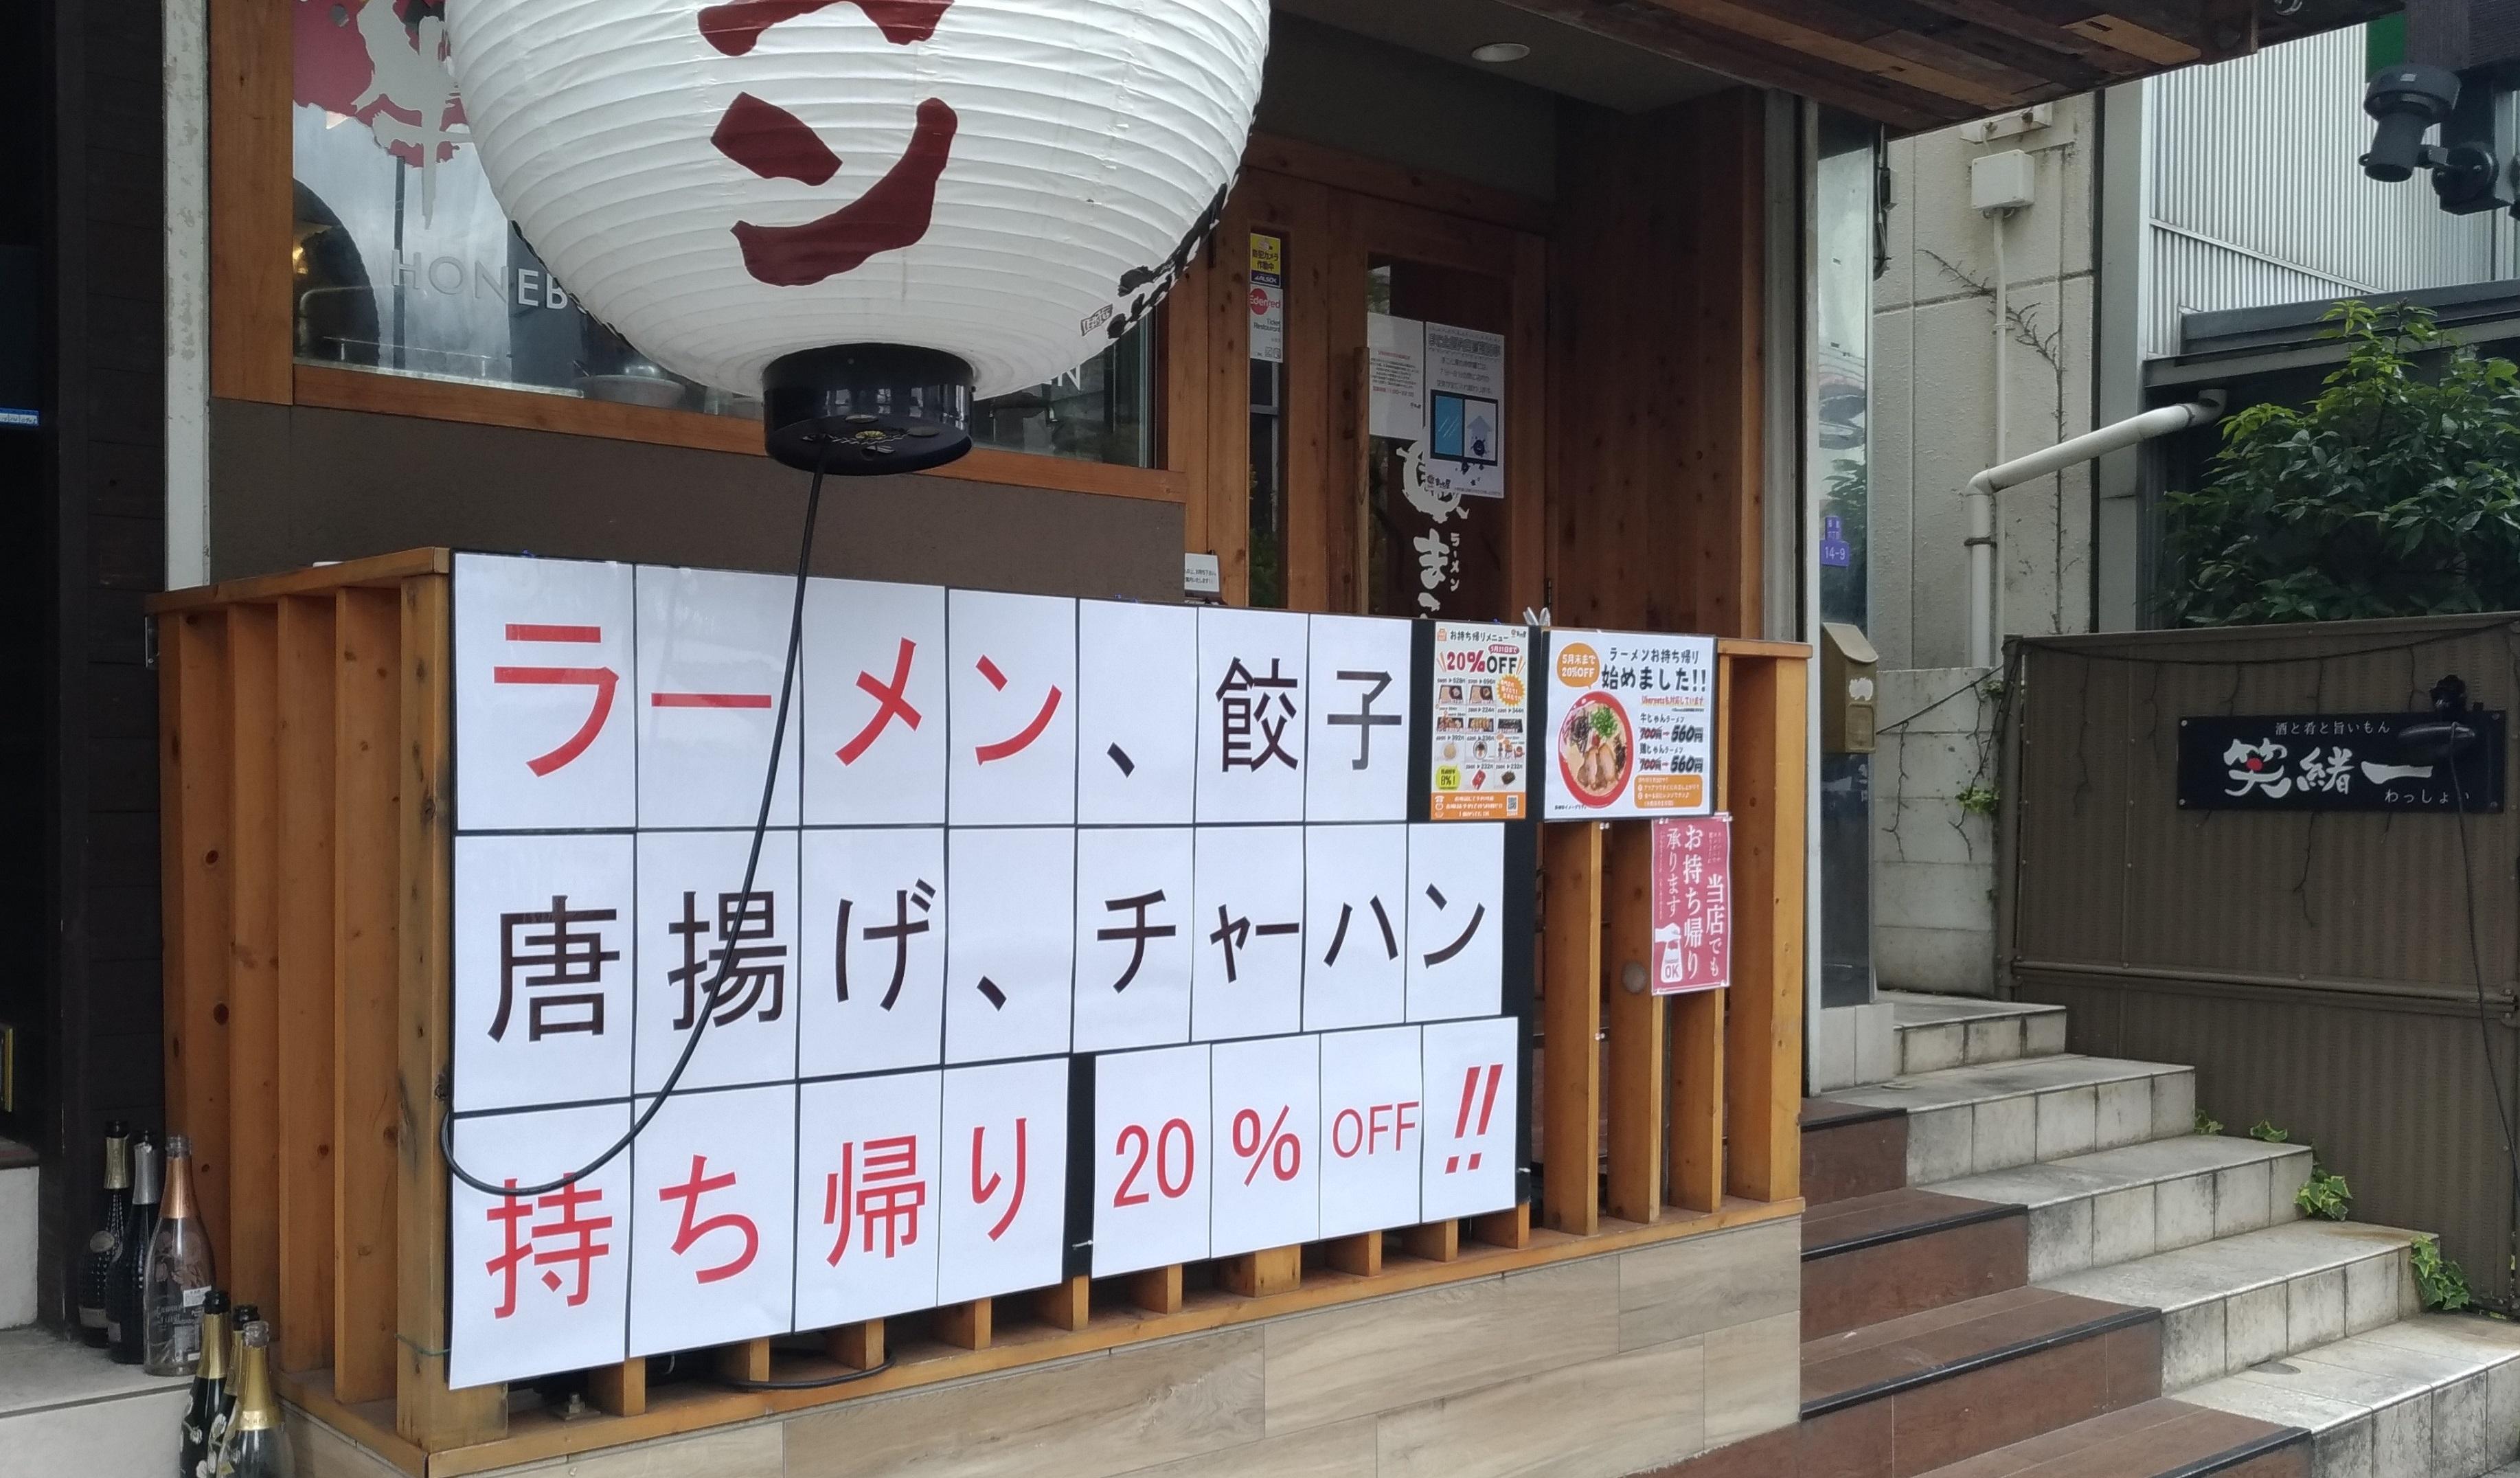 osaka_ramen_fukushima_take_out_makoto.jpg